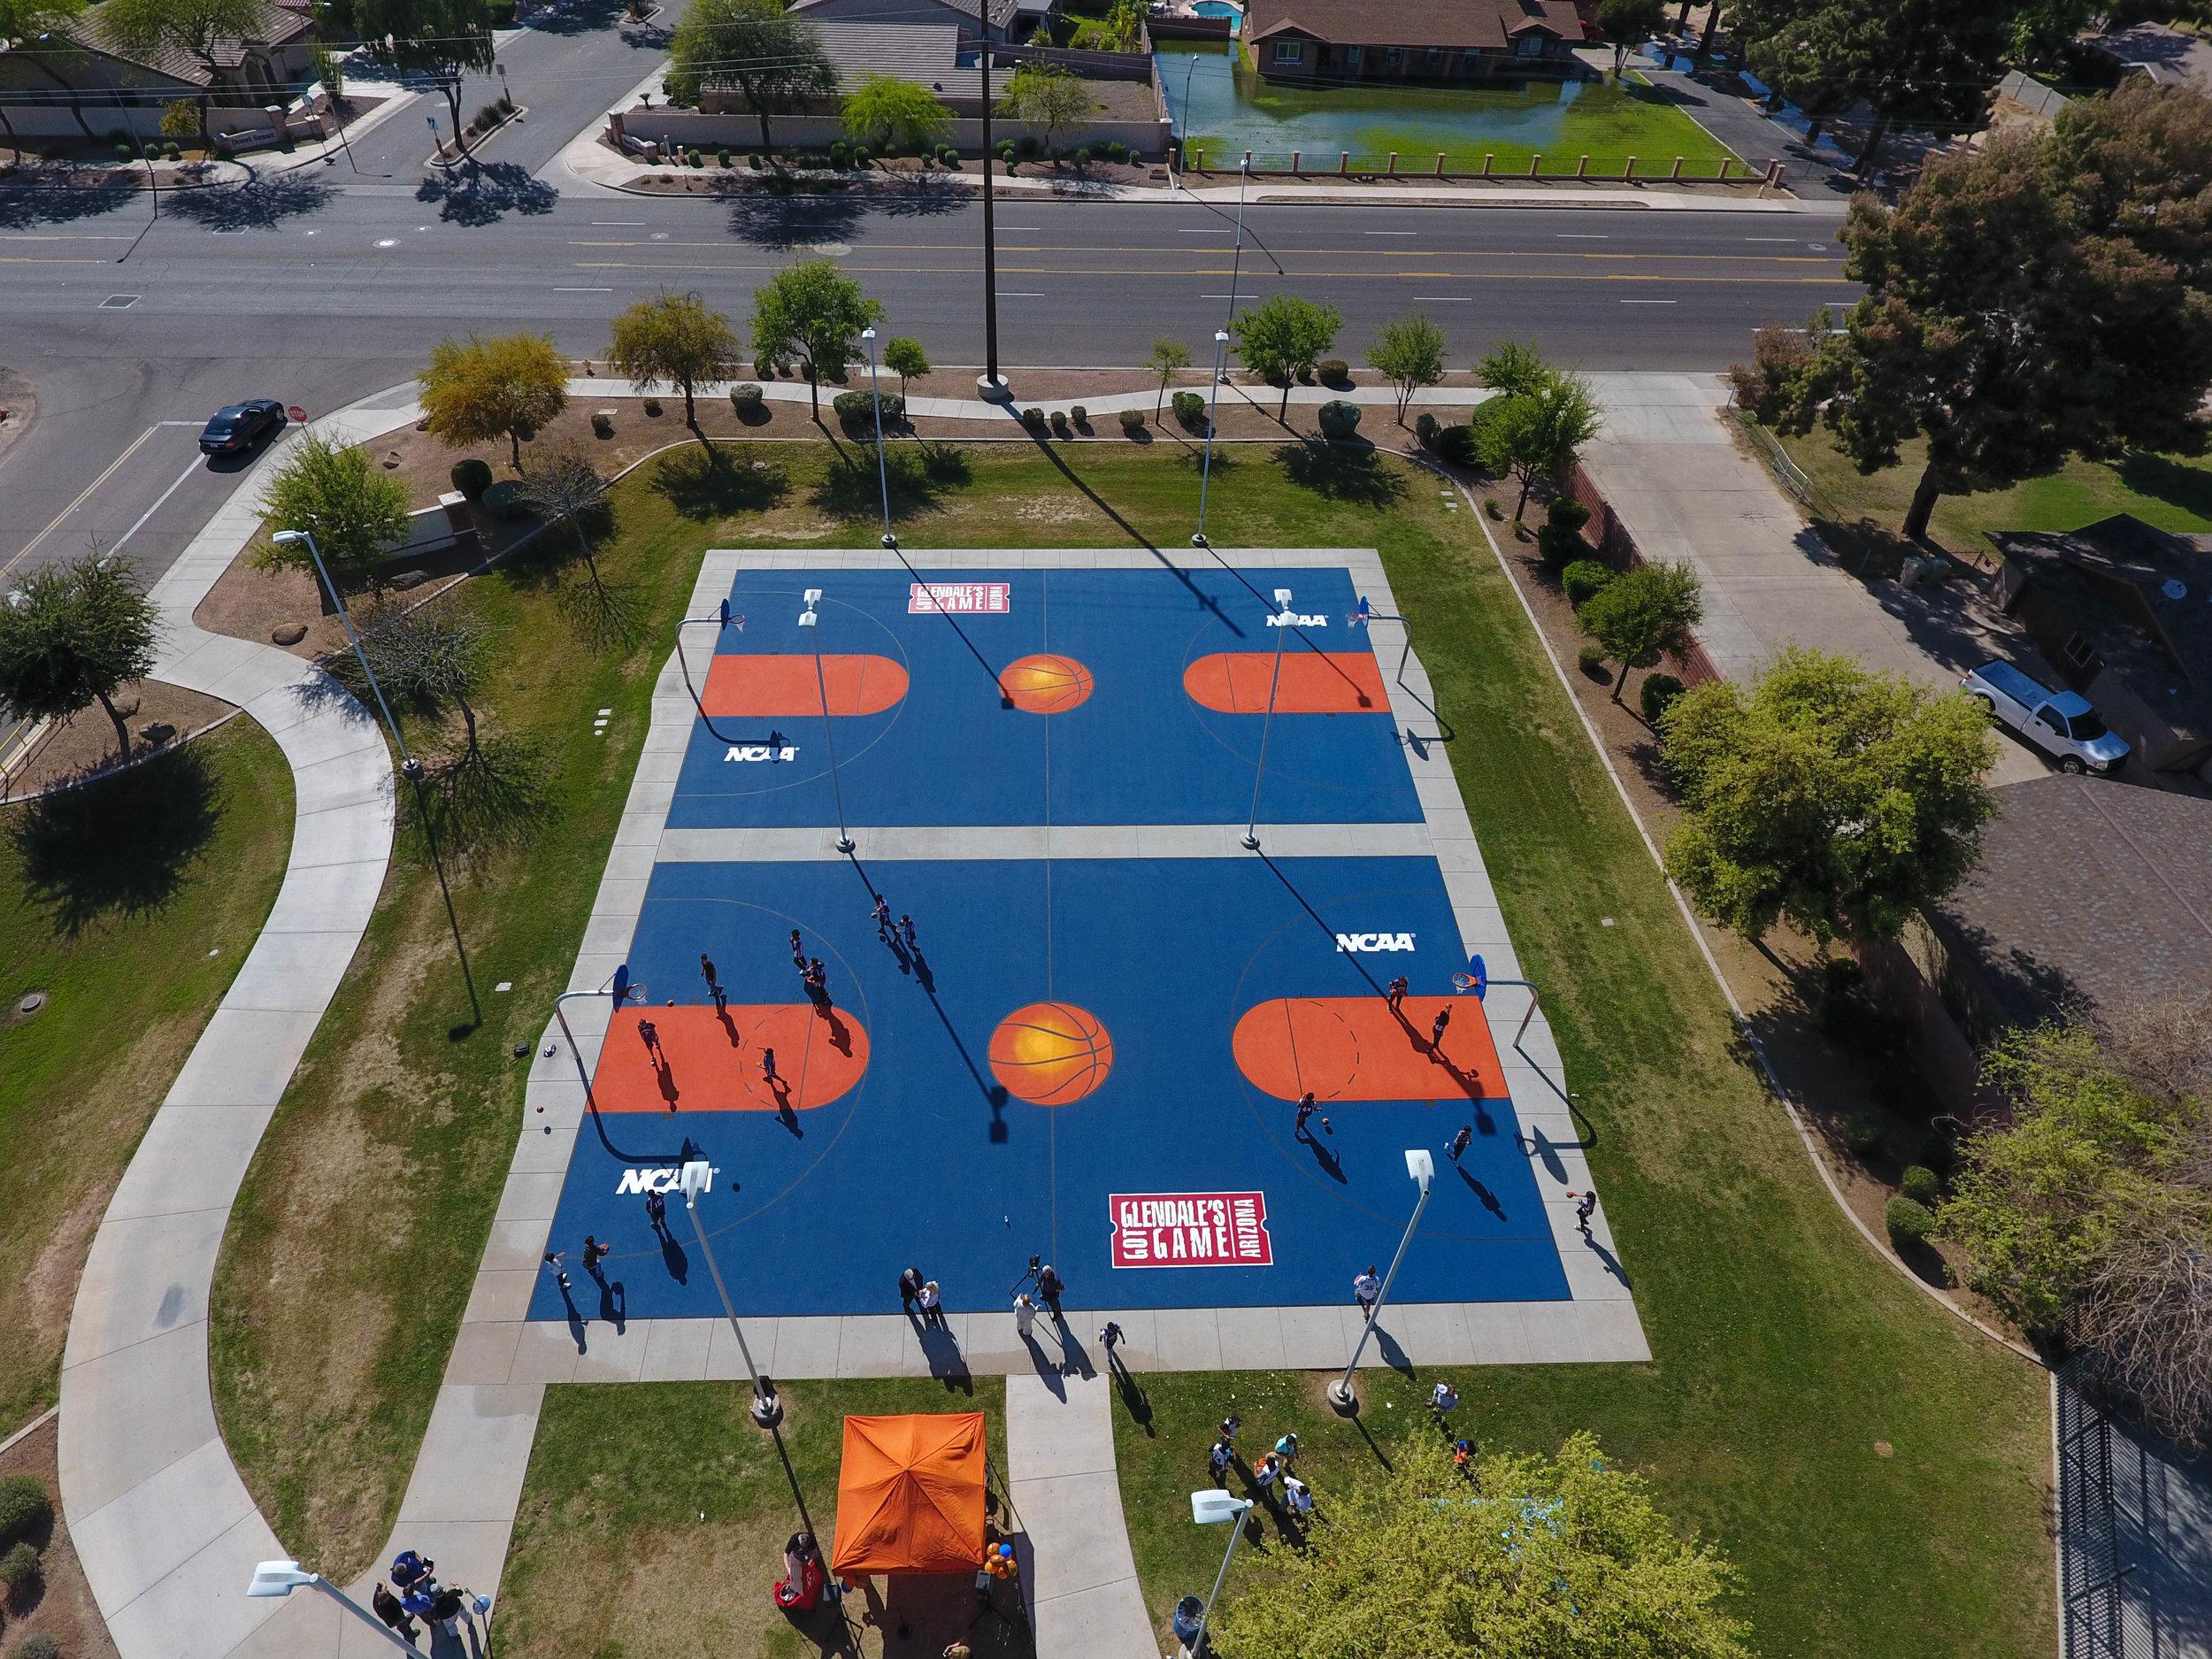 20170327-Glendale Heroes Park Basketball Ariel (1).jpg